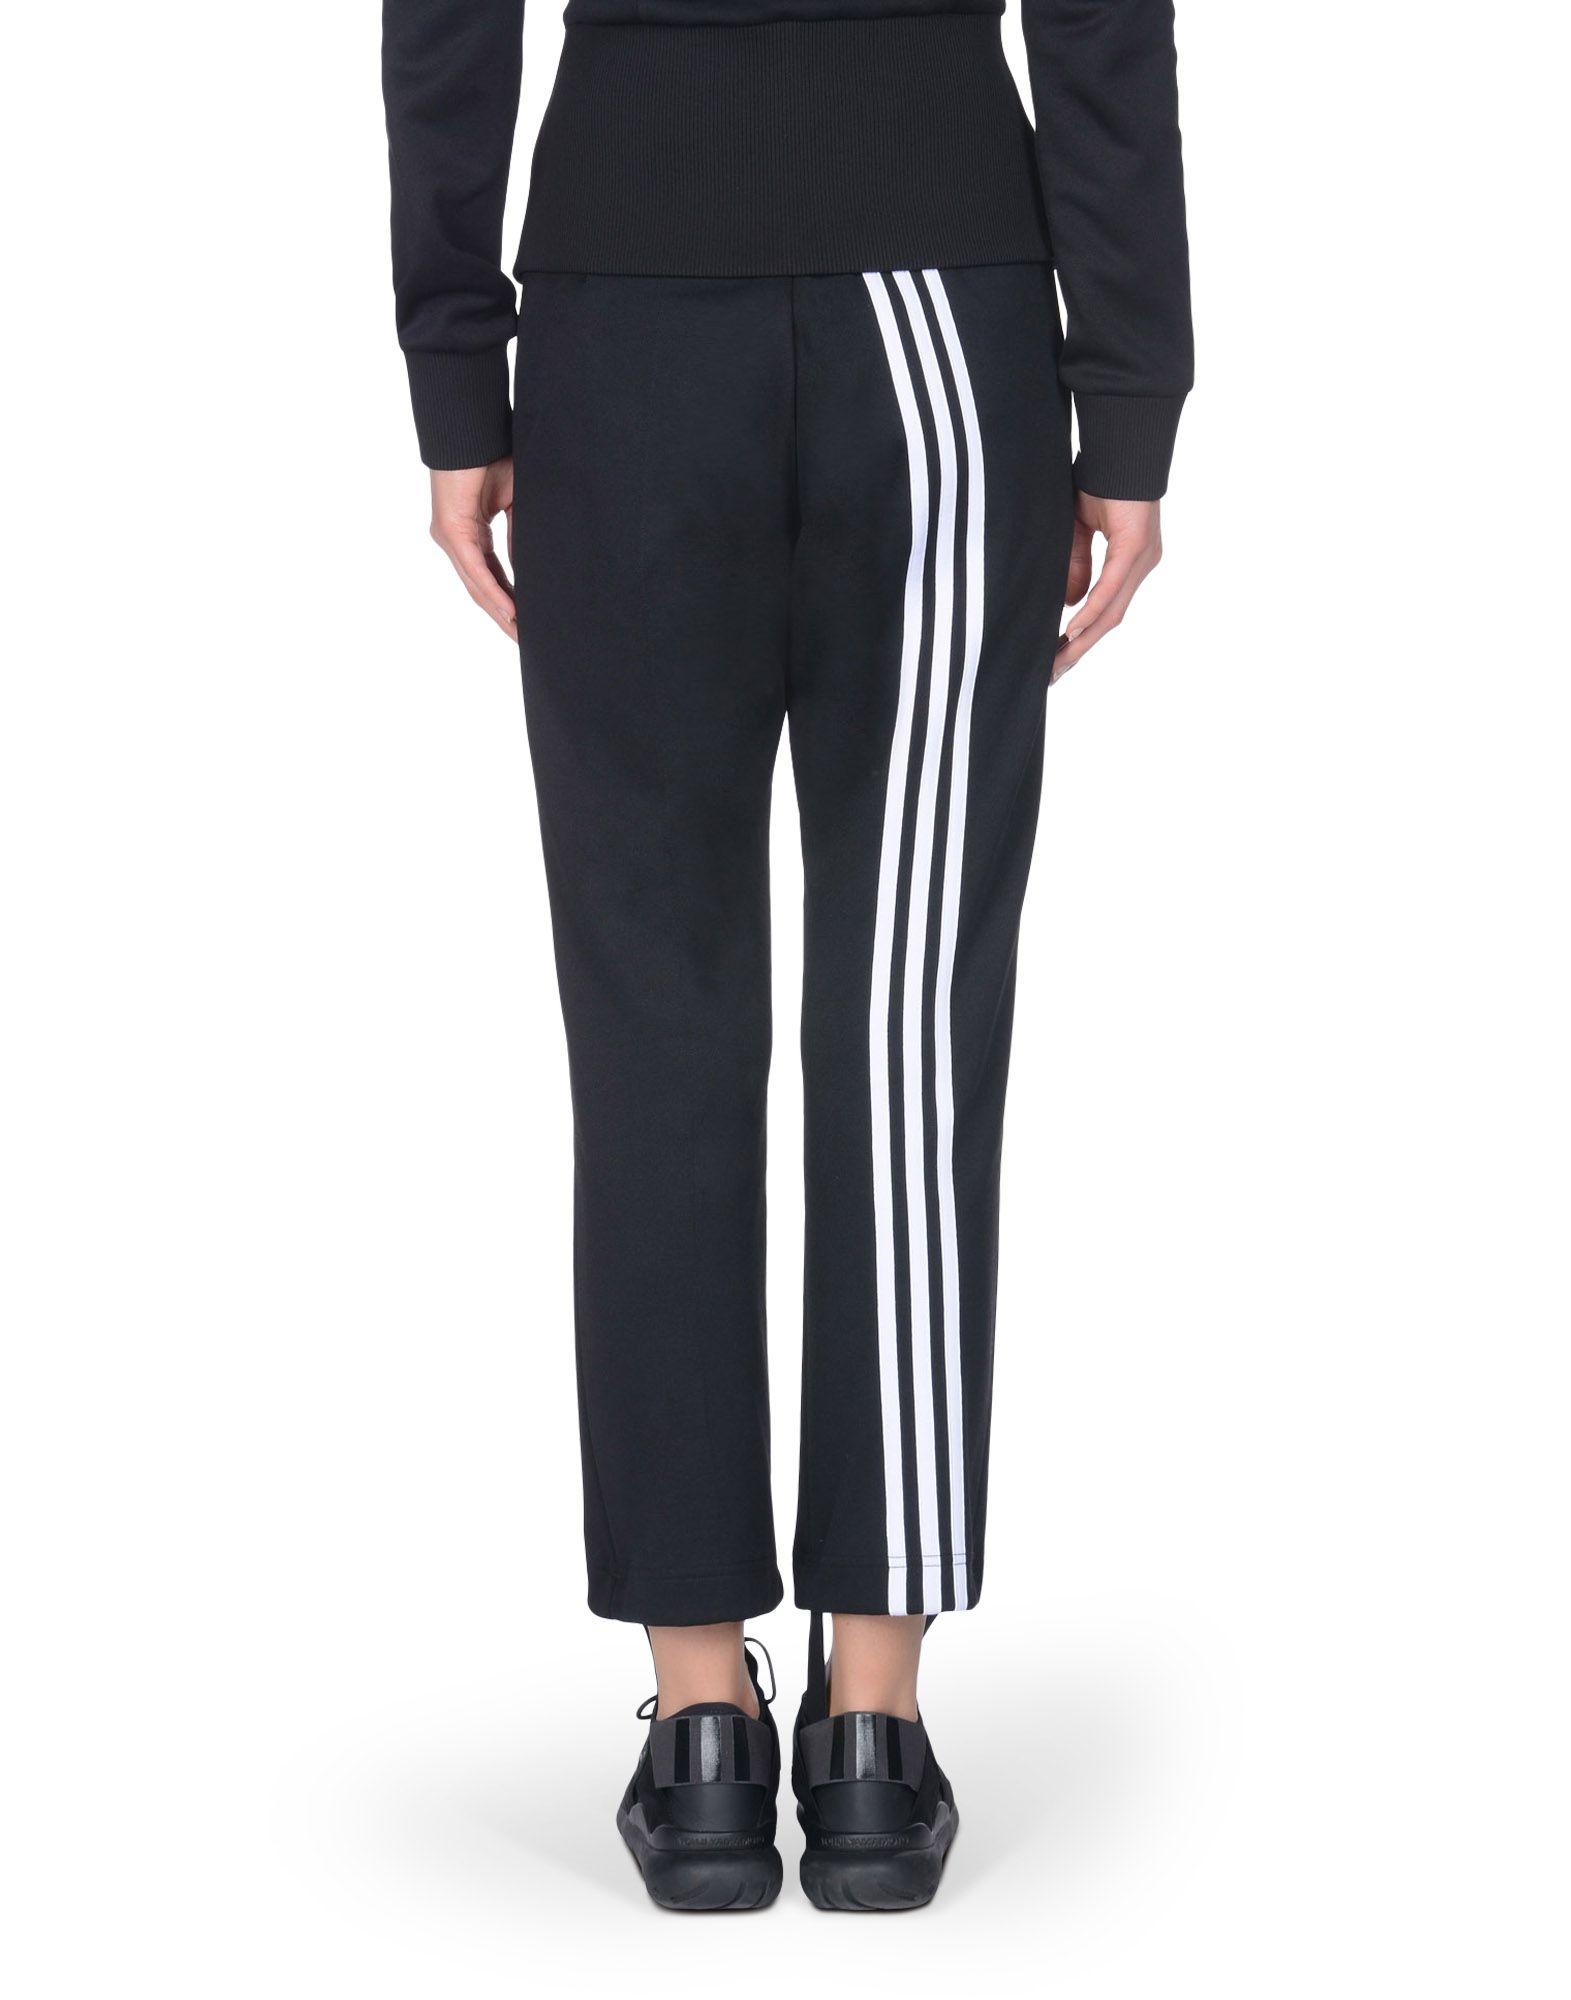 adidas tight pants womens